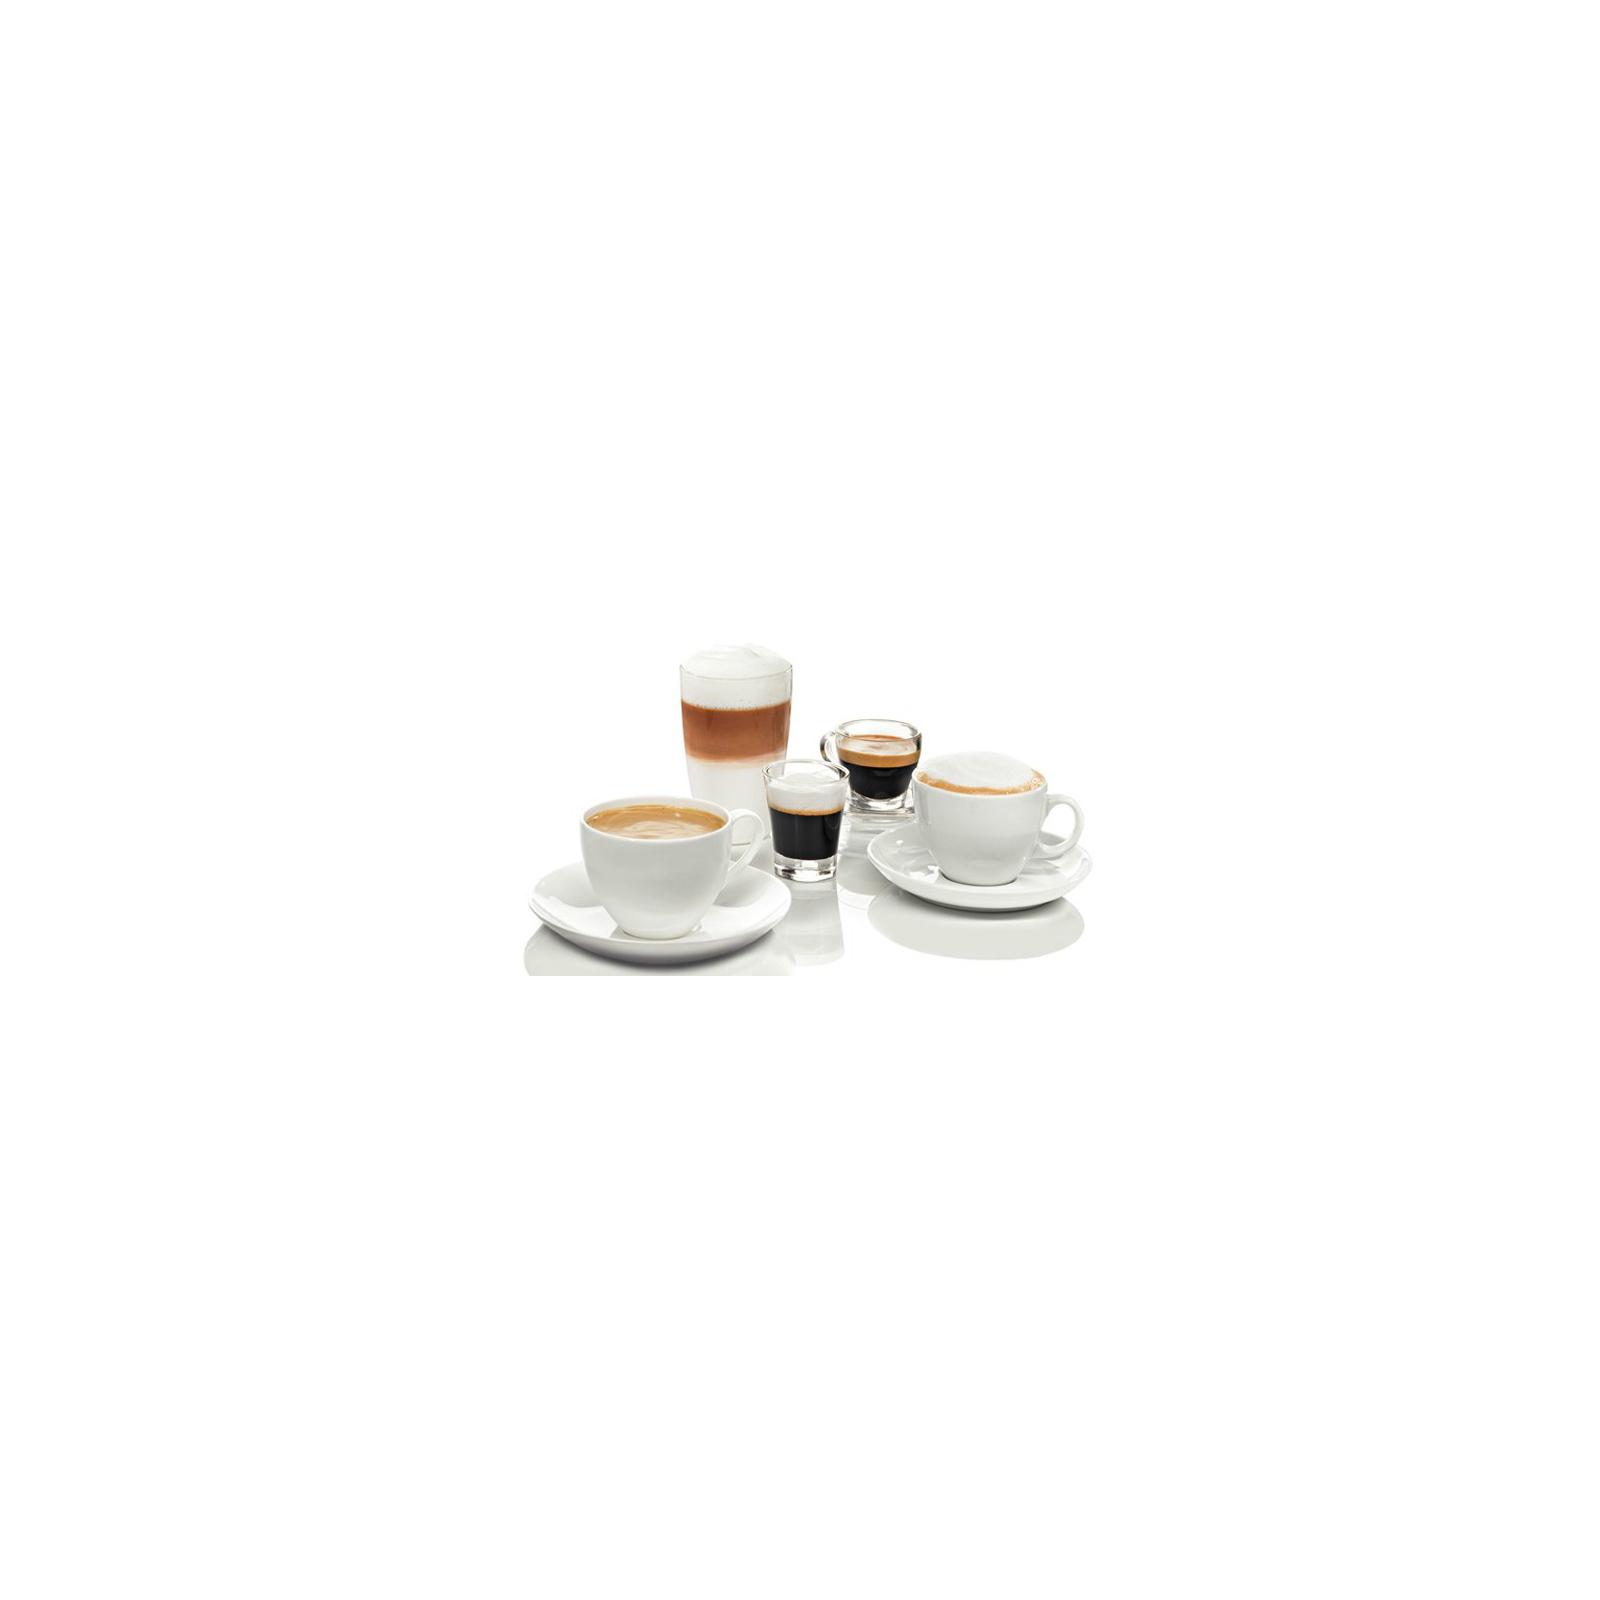 Кофеварка BOSCH TES50321RW изображение 8